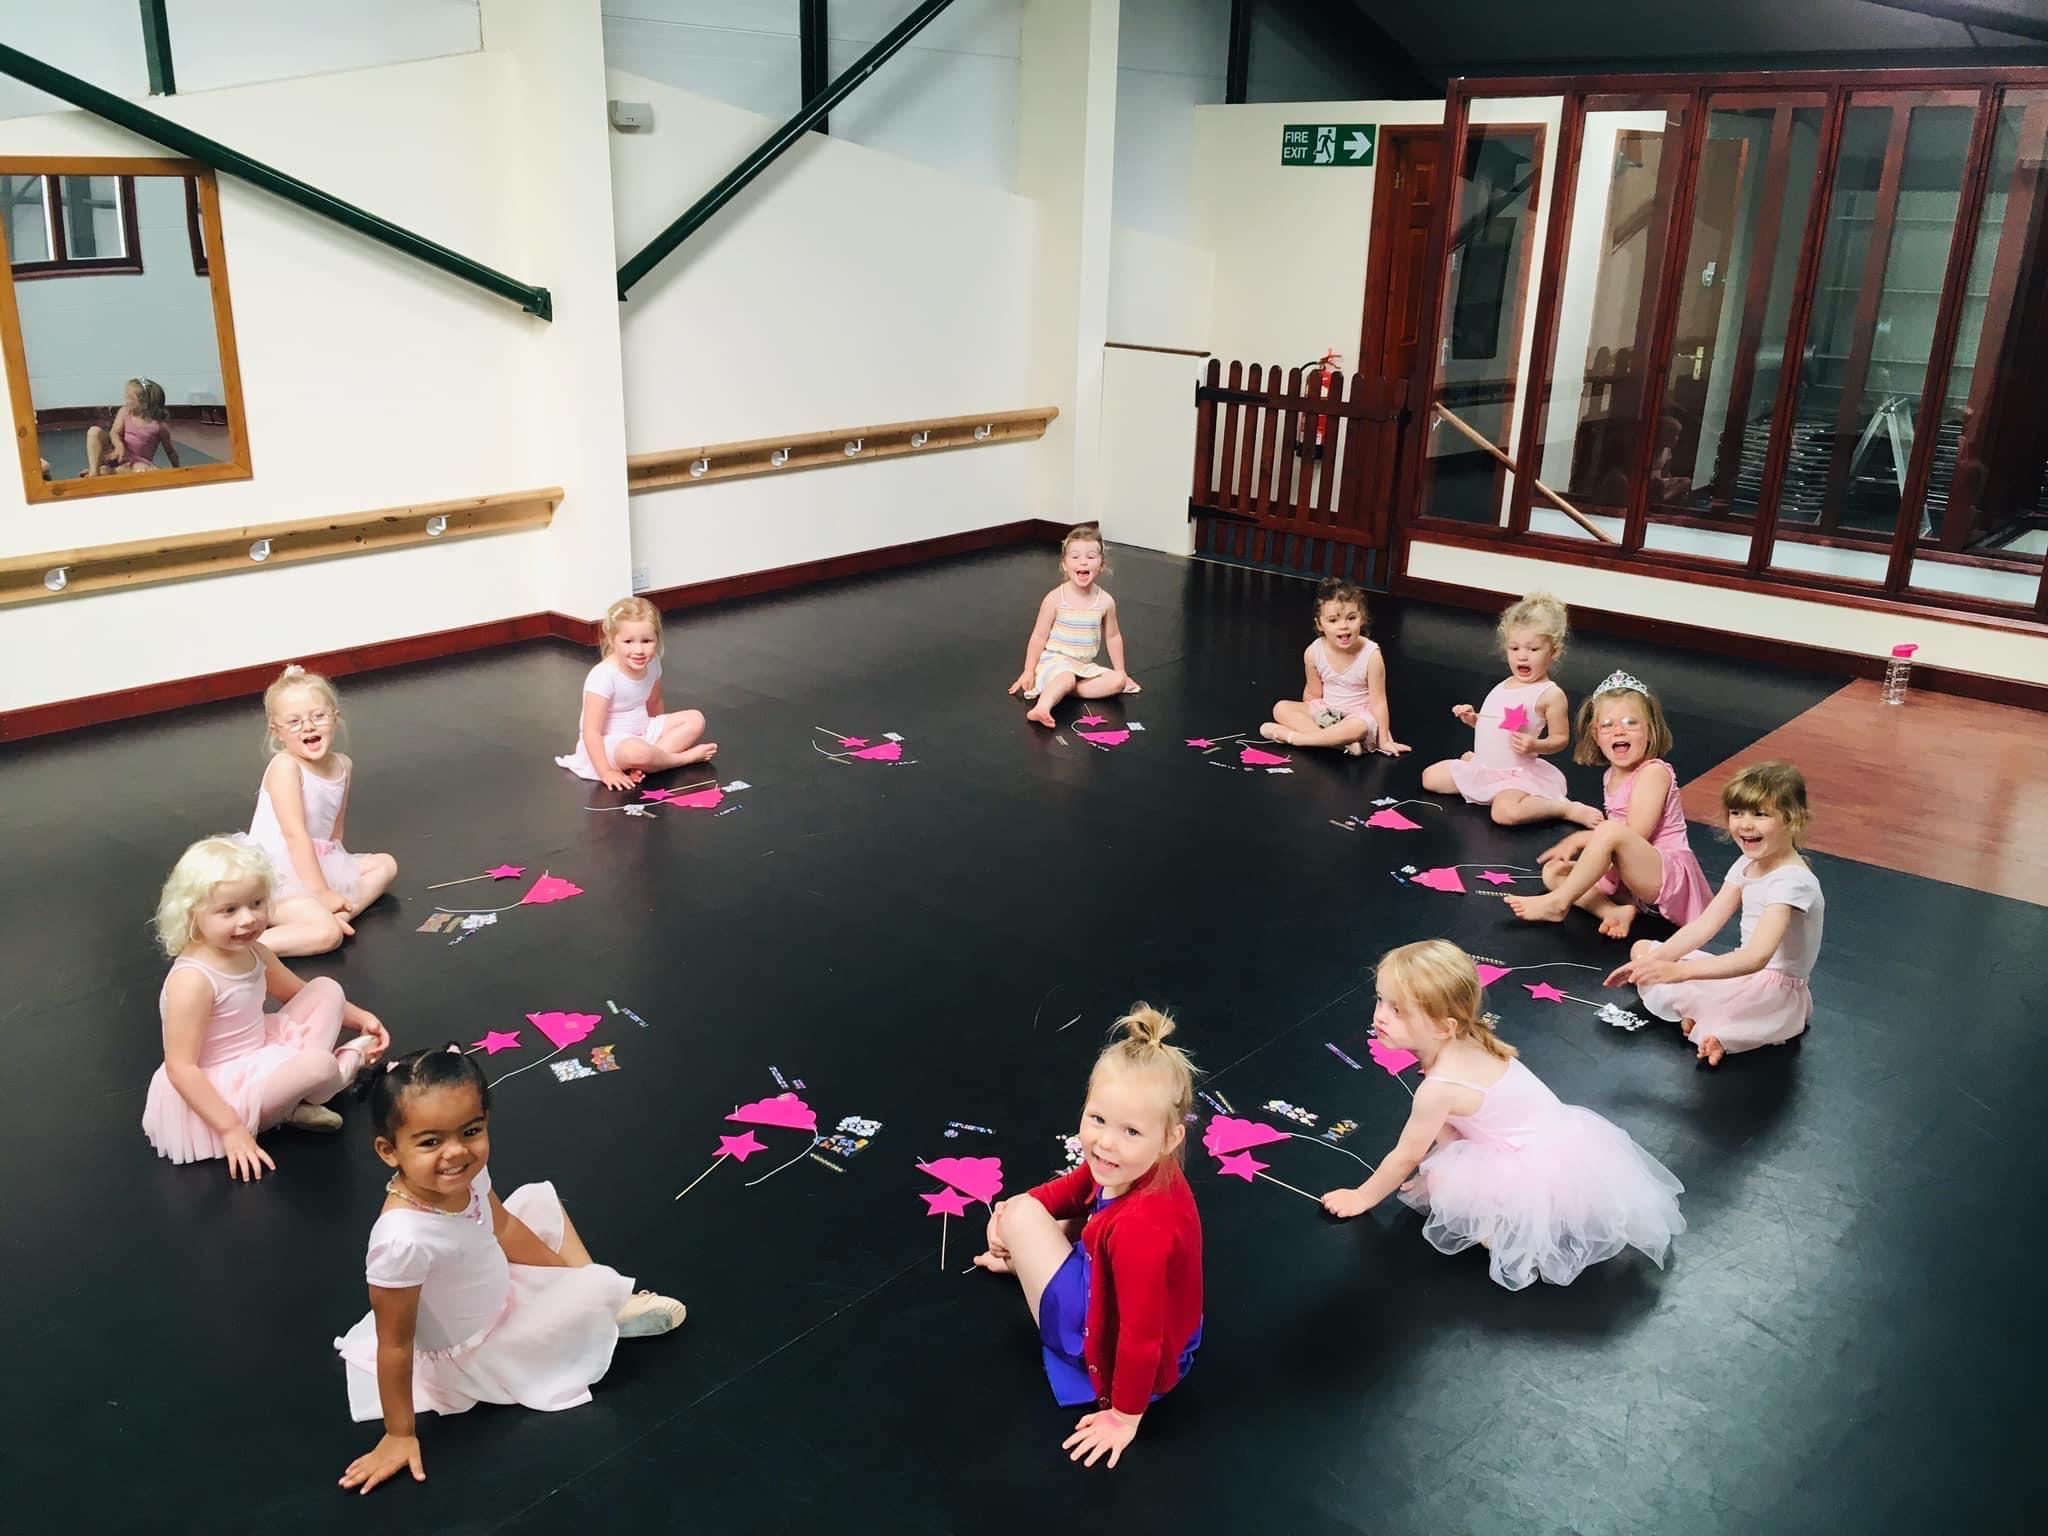 ballet class, large circle